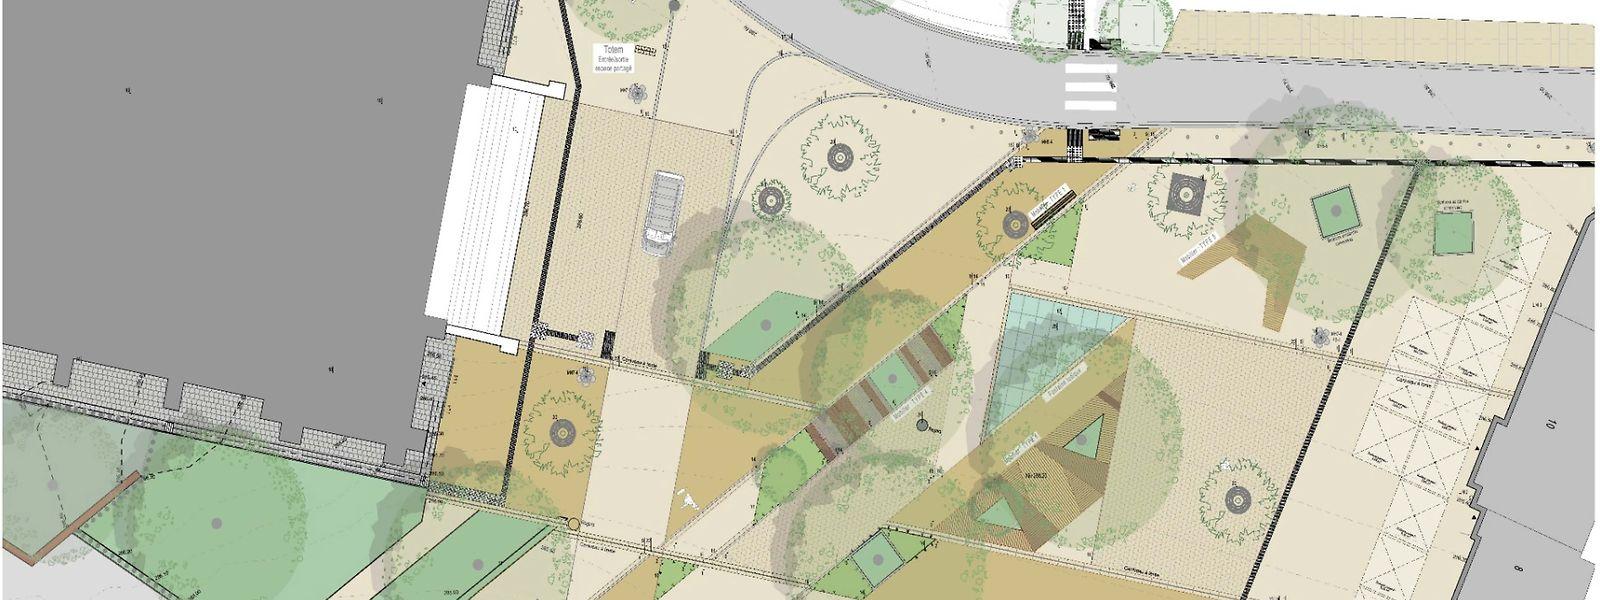 Die Place Kinnen wird nur noch entlang der Rue Zinnen (oben links) und der Rue du Commerce (oben rechts) eine klassische Fahrbahn aufzeigen. Der Shared-Space der Niddeschgaass wird erweitert.